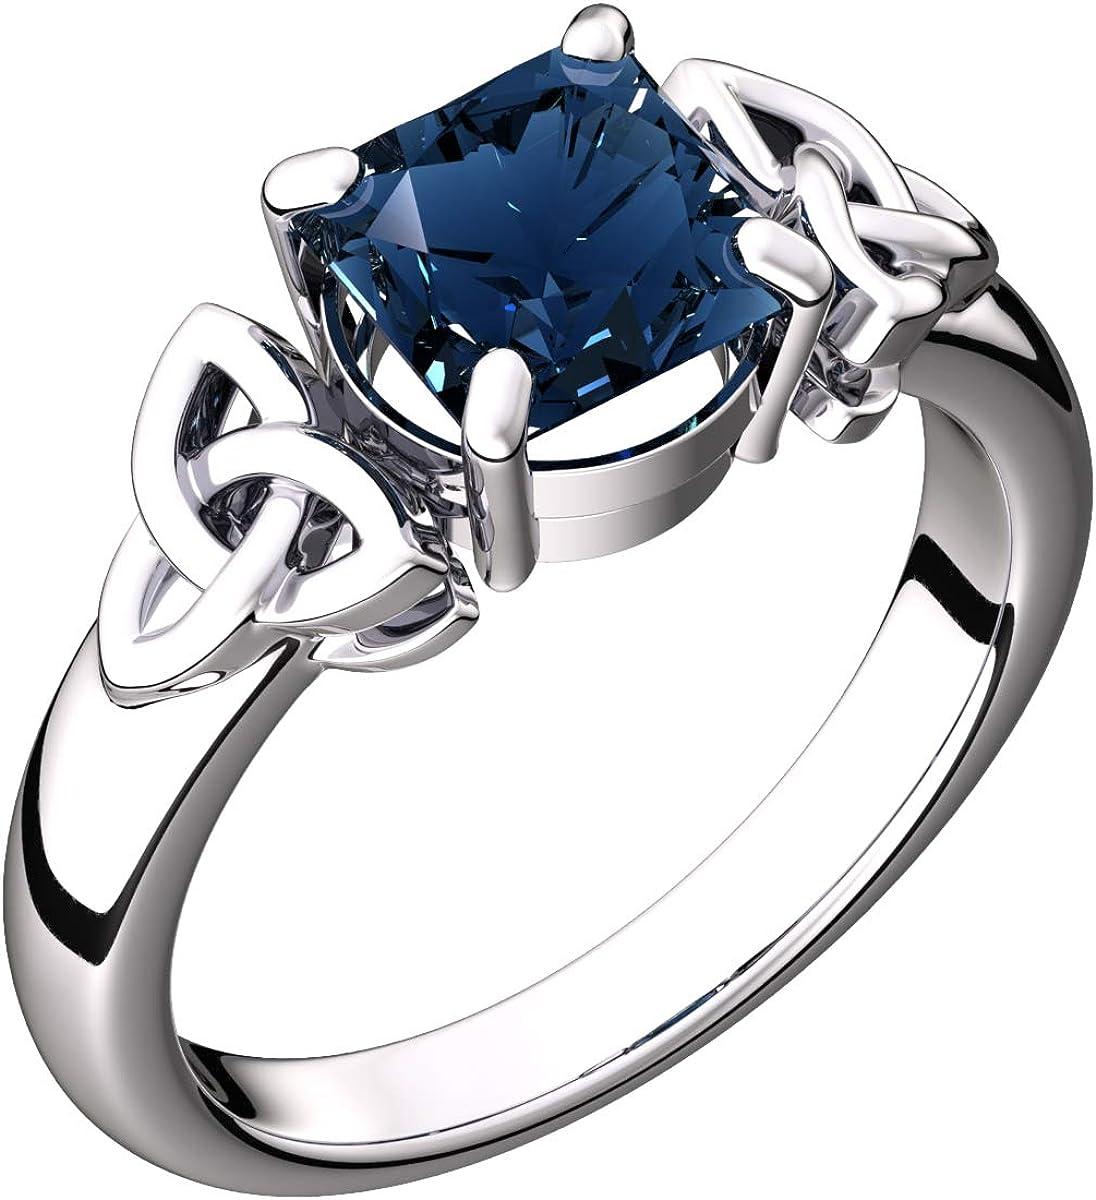 GWG Jewellery Anillos Mujer Regalo Anillo Celta Plata de Ley Circonita Cuadrado Grande de Color Zafiro Azul Adornado con Nudos de Trinidad para Mujeres